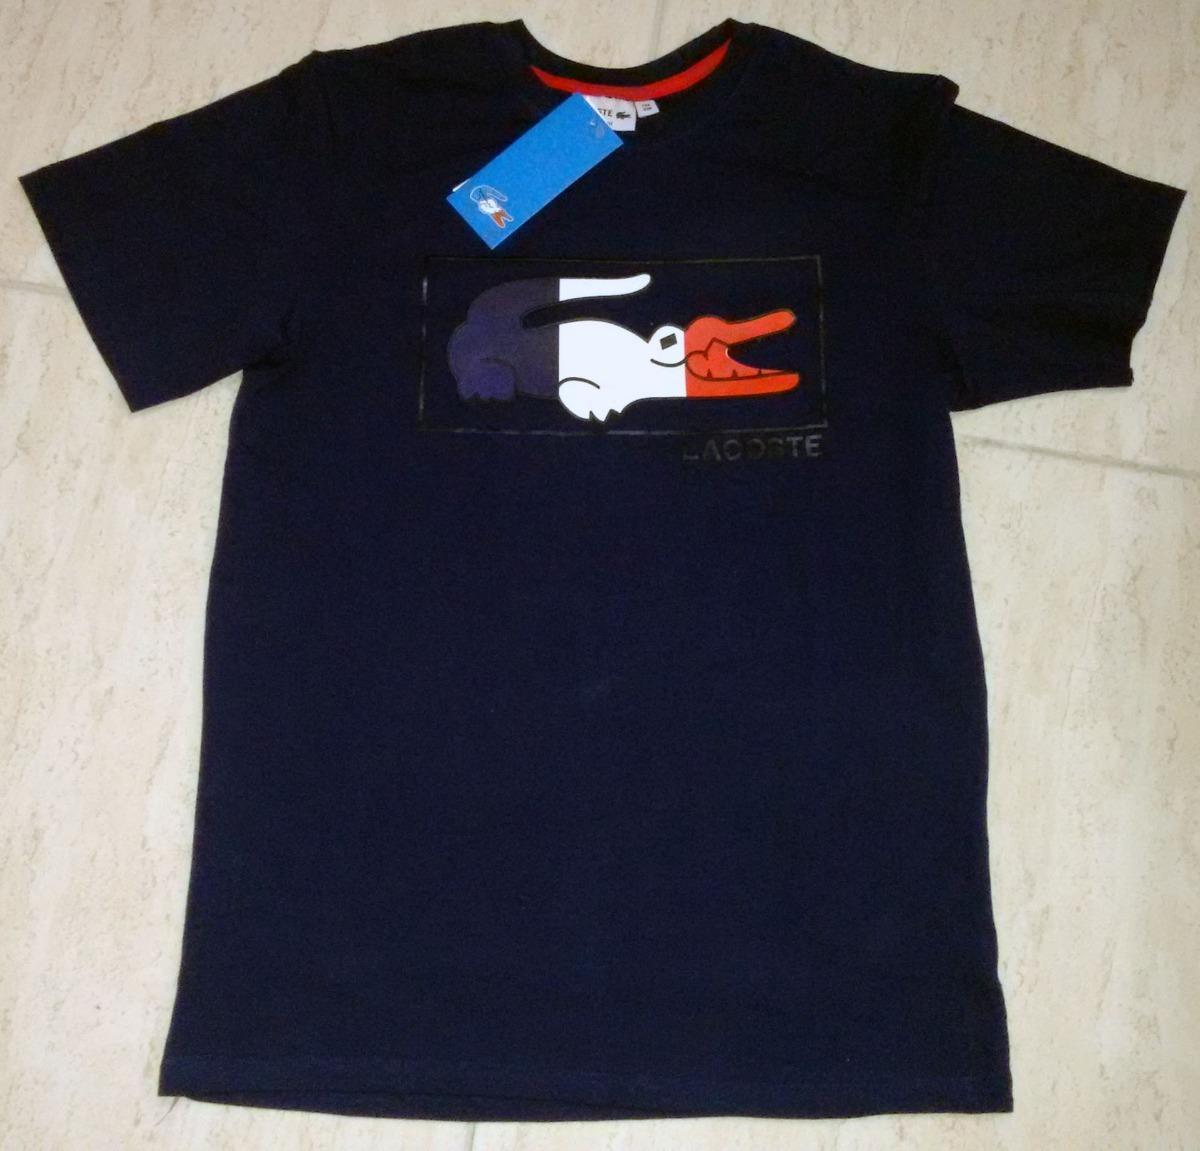 Kit 5 Camisetas Lacoste Live - Frete Grátis Super Rápido - R  449,00 ... 3d3b853377